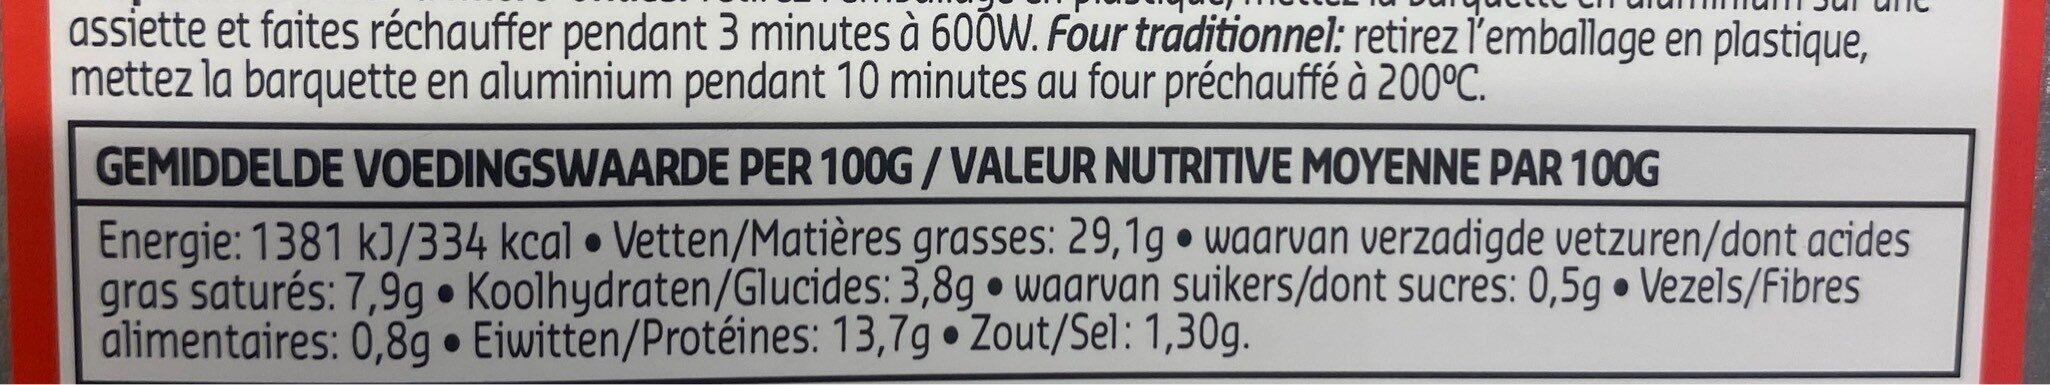 Crevettes Beurre Diabolique - Voedingswaarden